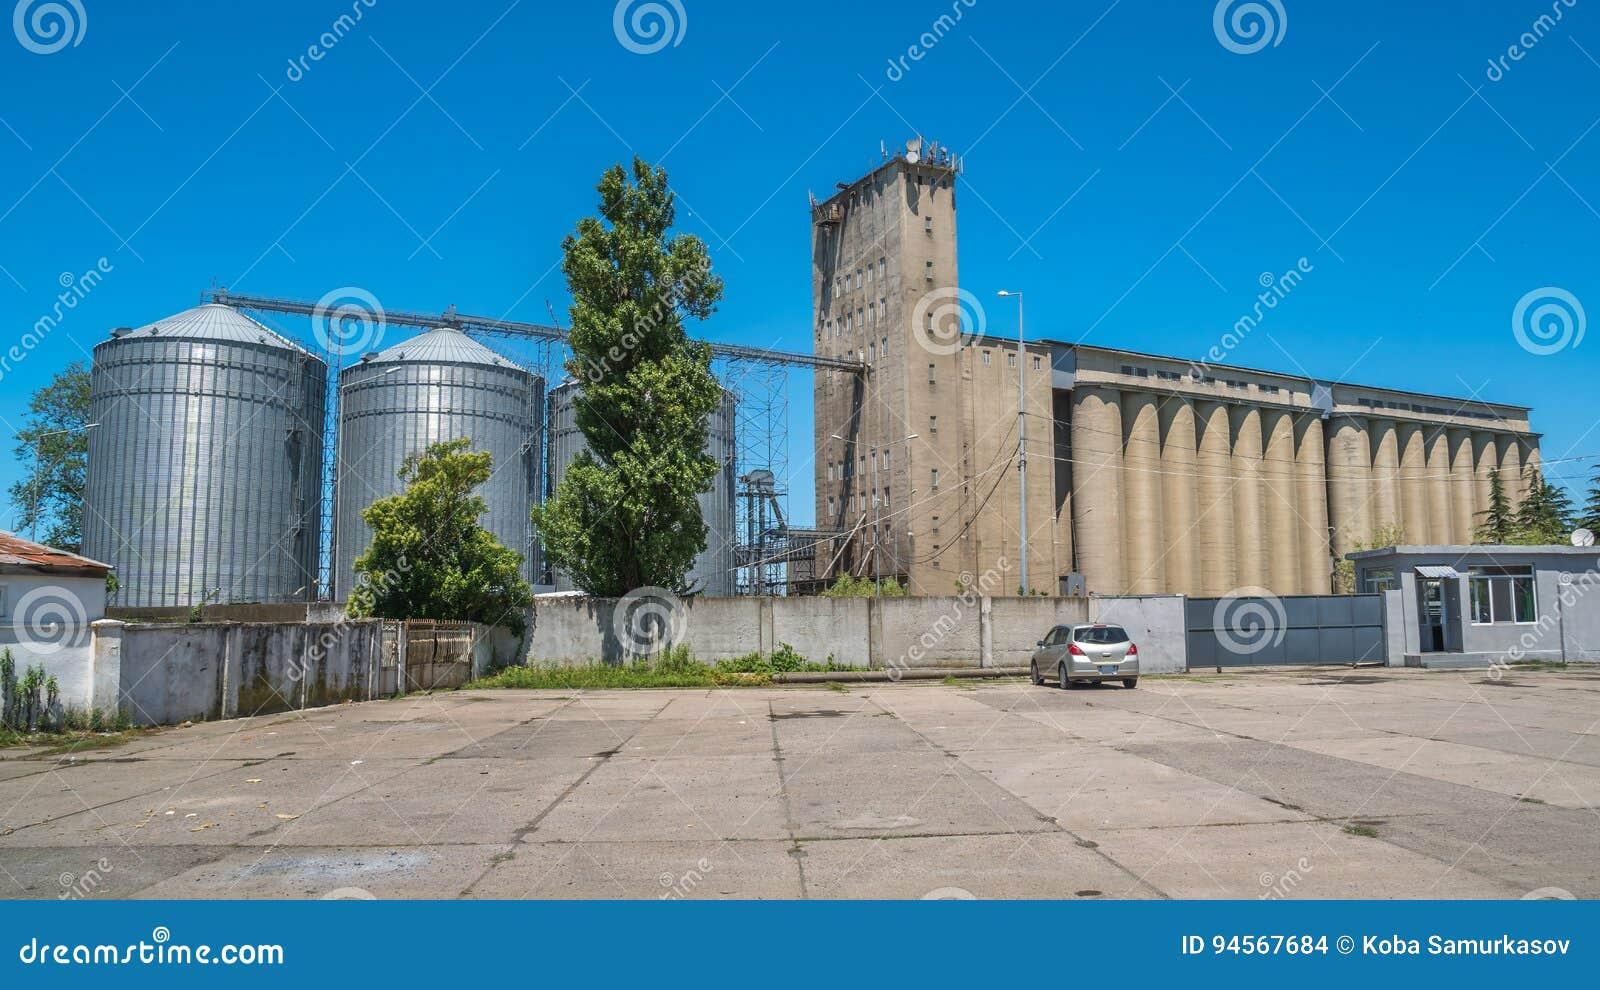 Лифты зерна мельницы и железнодорожные пути - Poti, Georgia